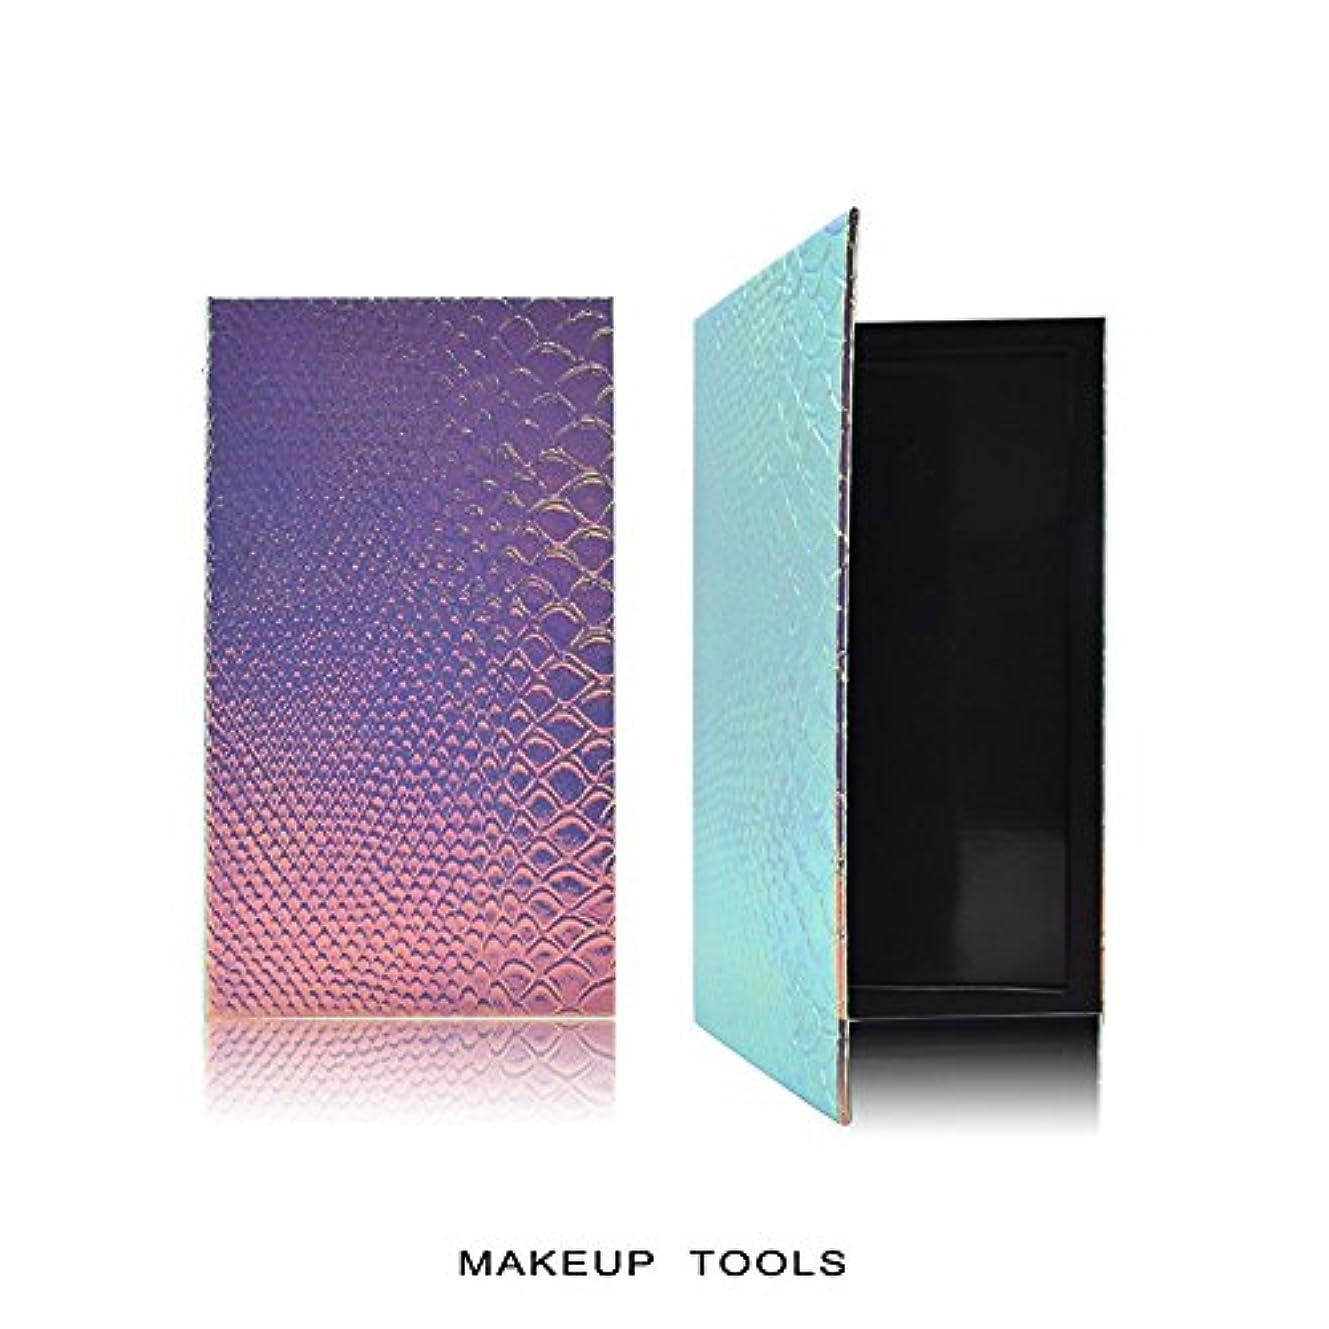 音介入する正統派RaiFu アイシャドウ パレット 化粧 空の磁気 自作携帯型 美容 化粧品の保管ツール うろこ 18*10CM